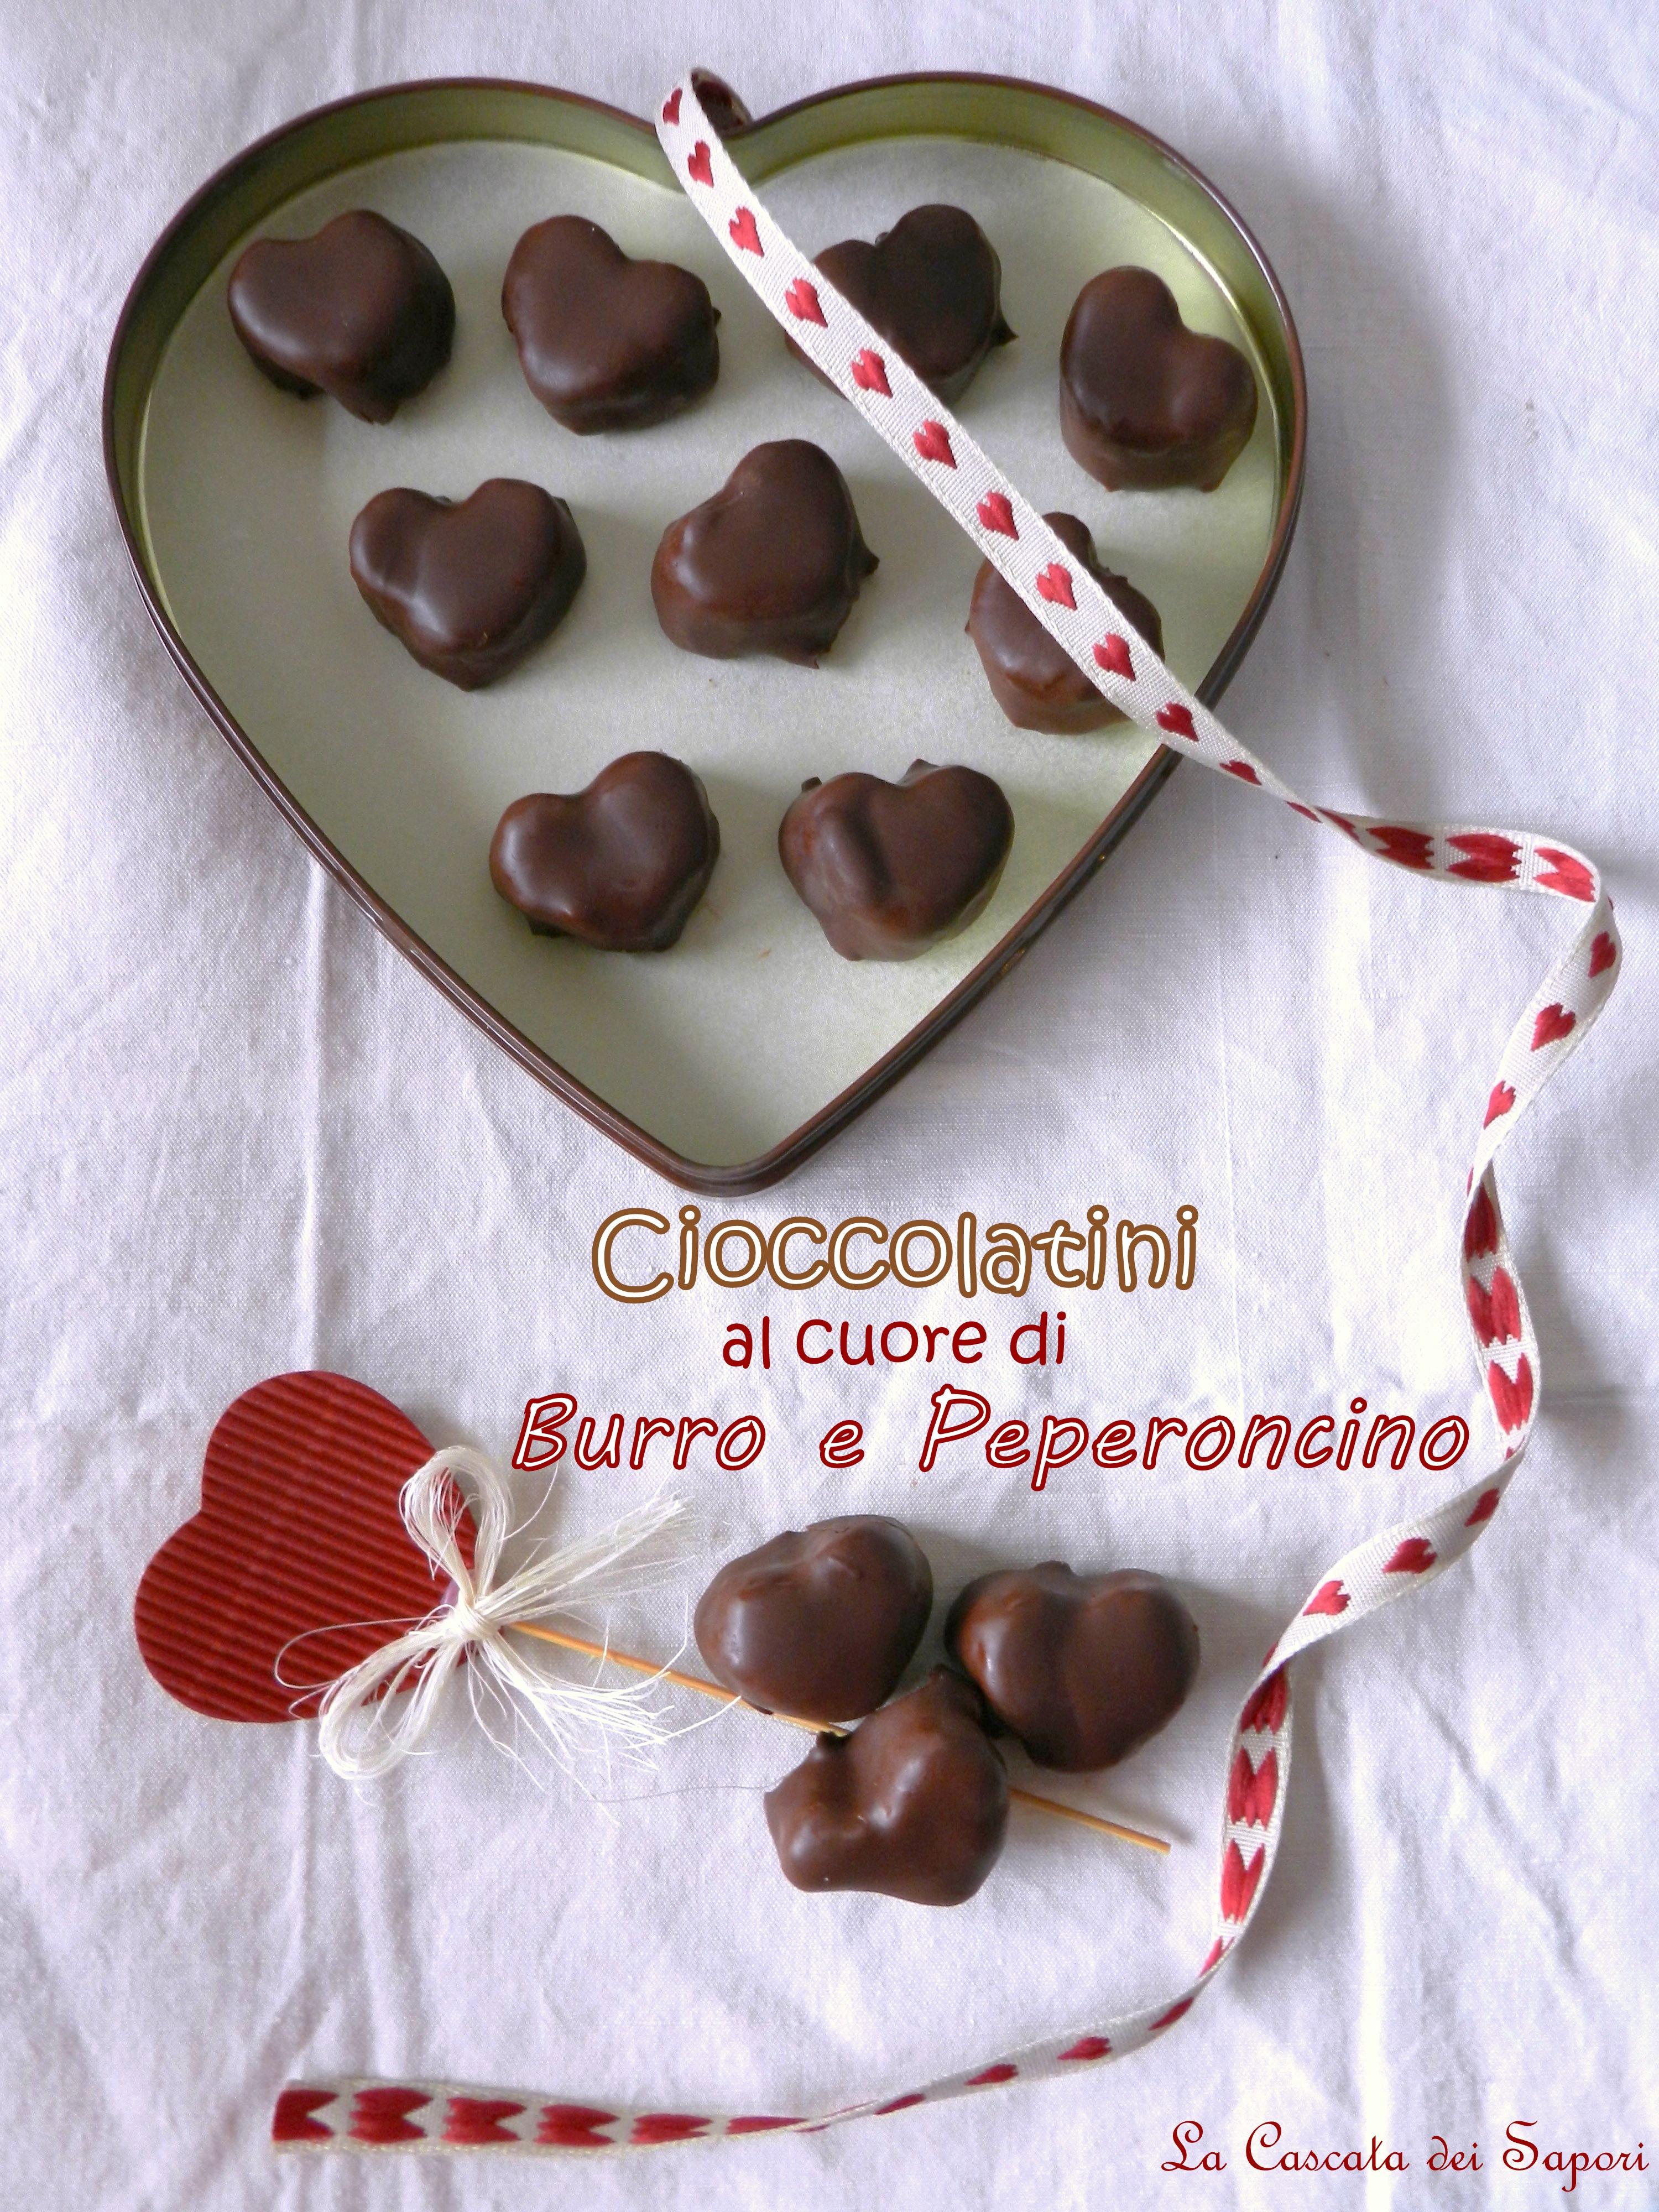 Cioccolatini al cuore di burro e peperoncino